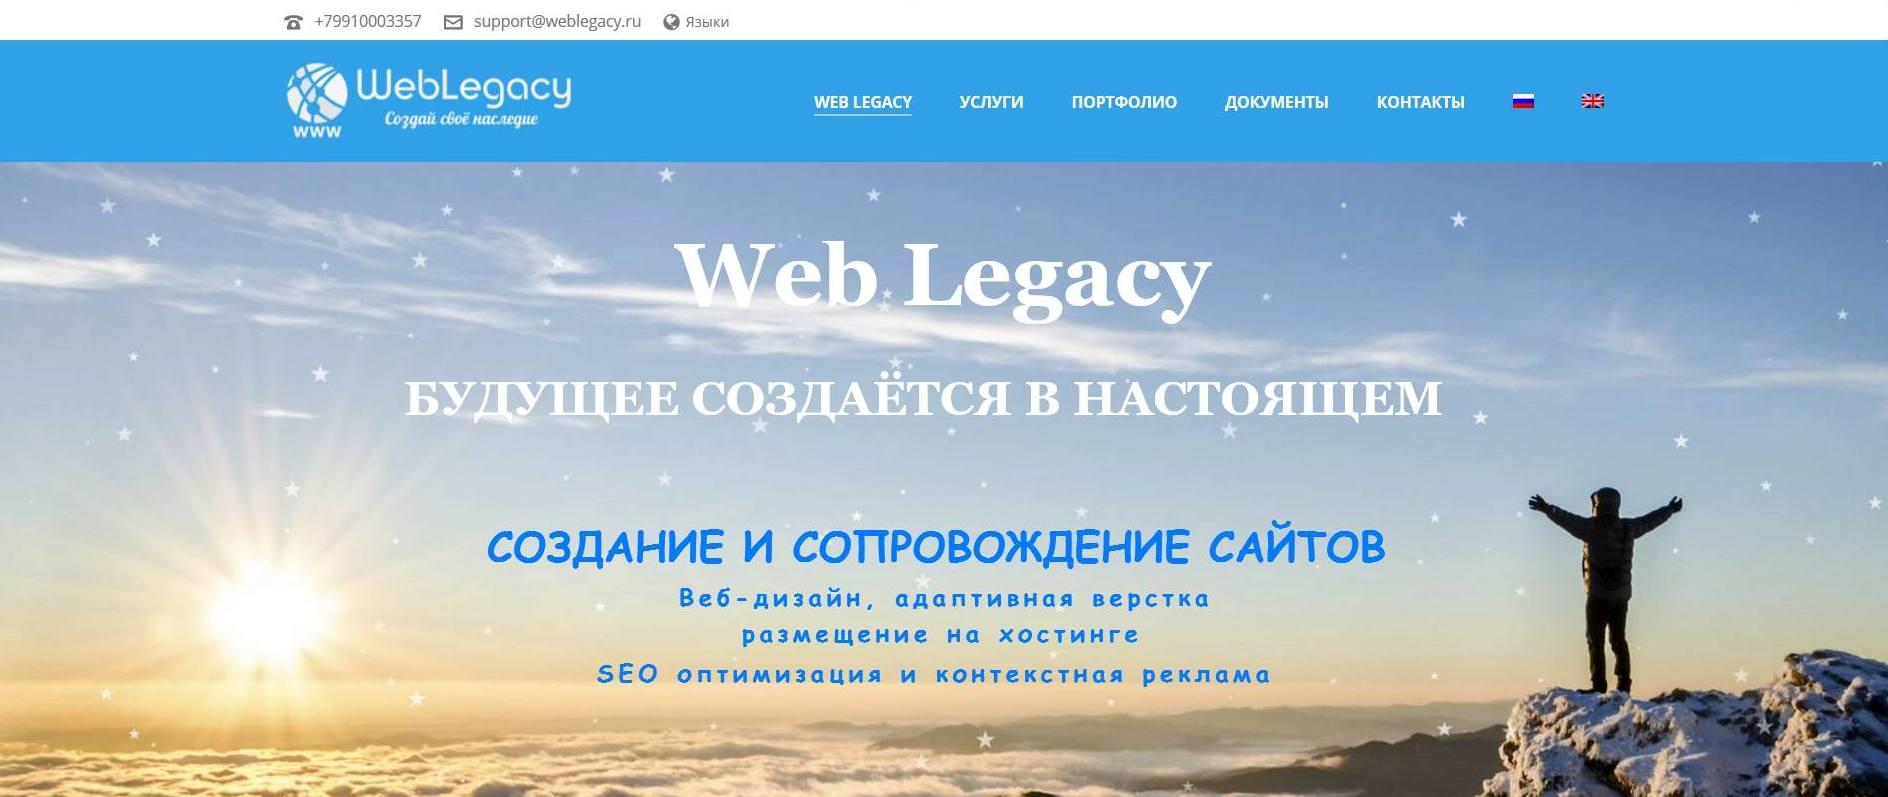 (c) Weblegacy.ru